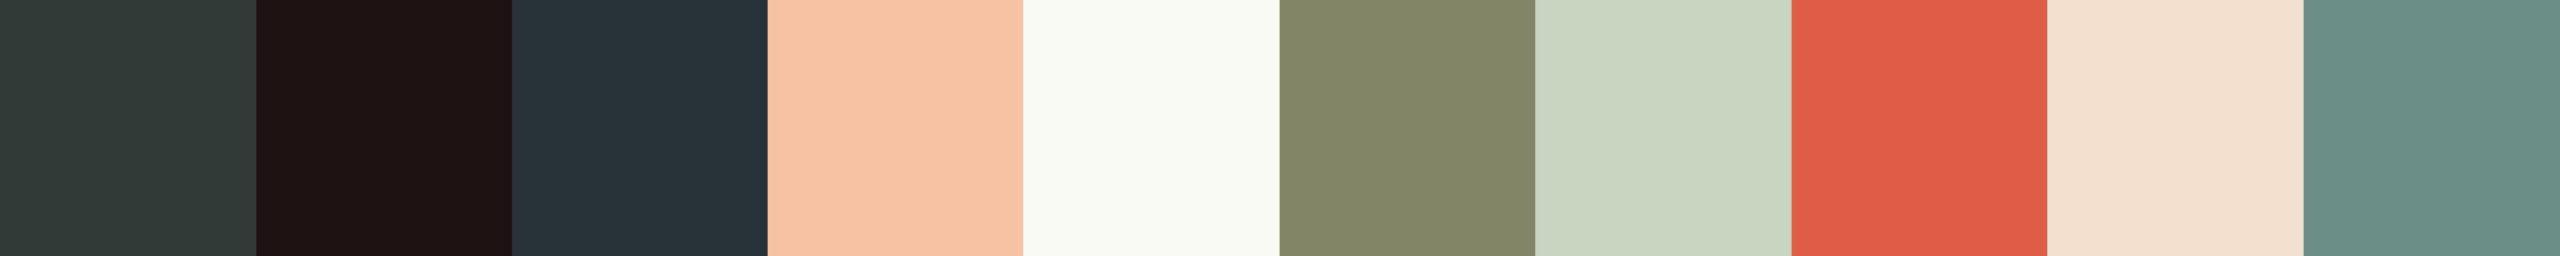 540 Sybil Color Palette